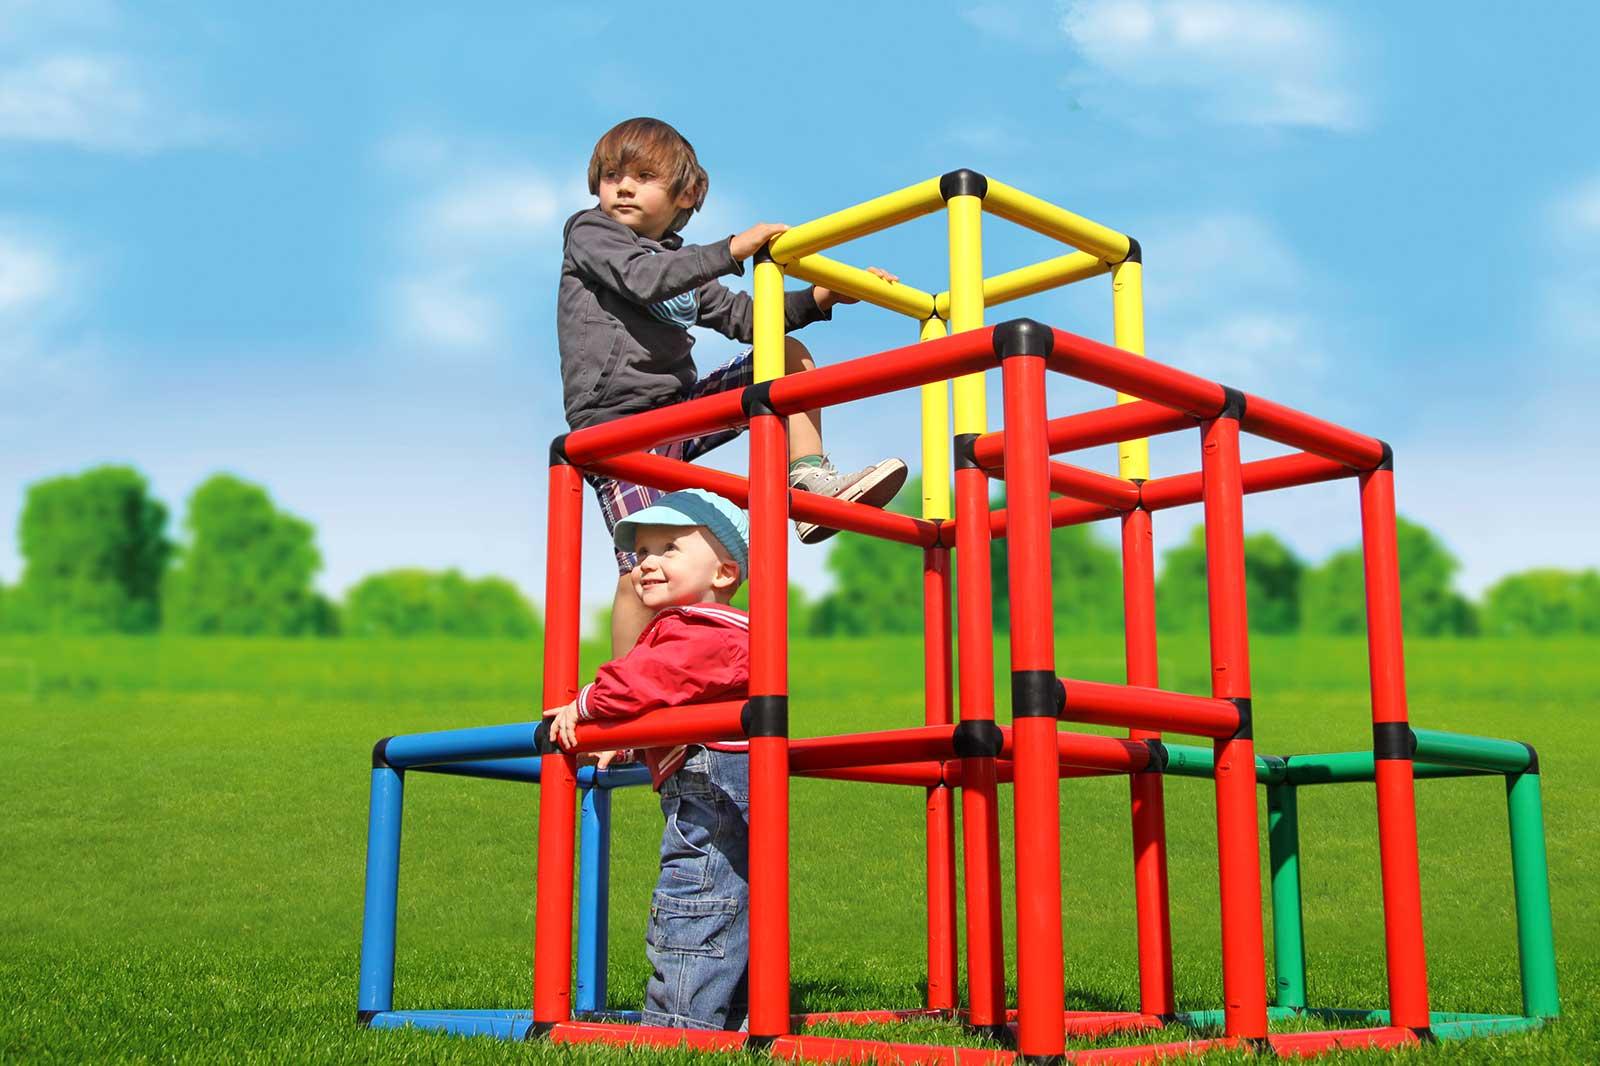 Klettergerüst Zum Stecken : Kletterpyramide quadro der grossbaukasten